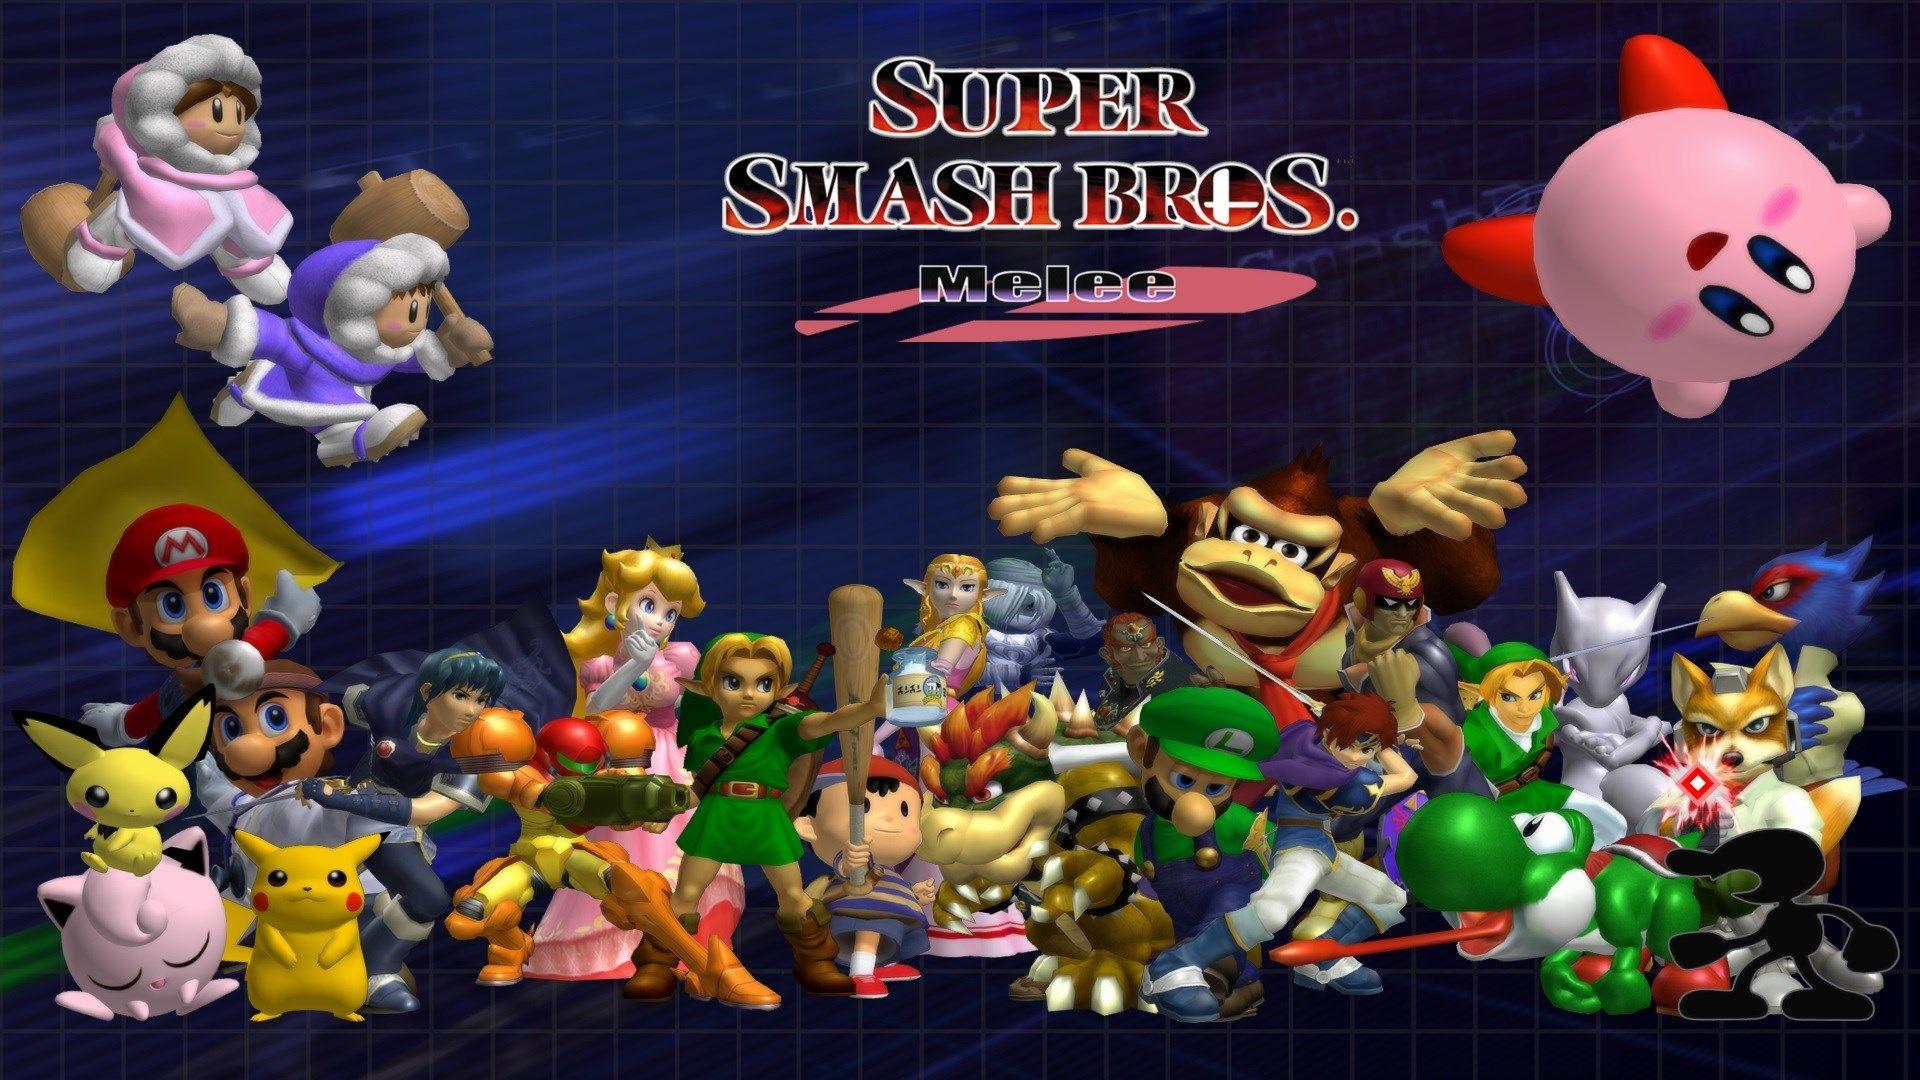 1920x1080 Free Desktop Backgrounds For Super Smash Bros Super